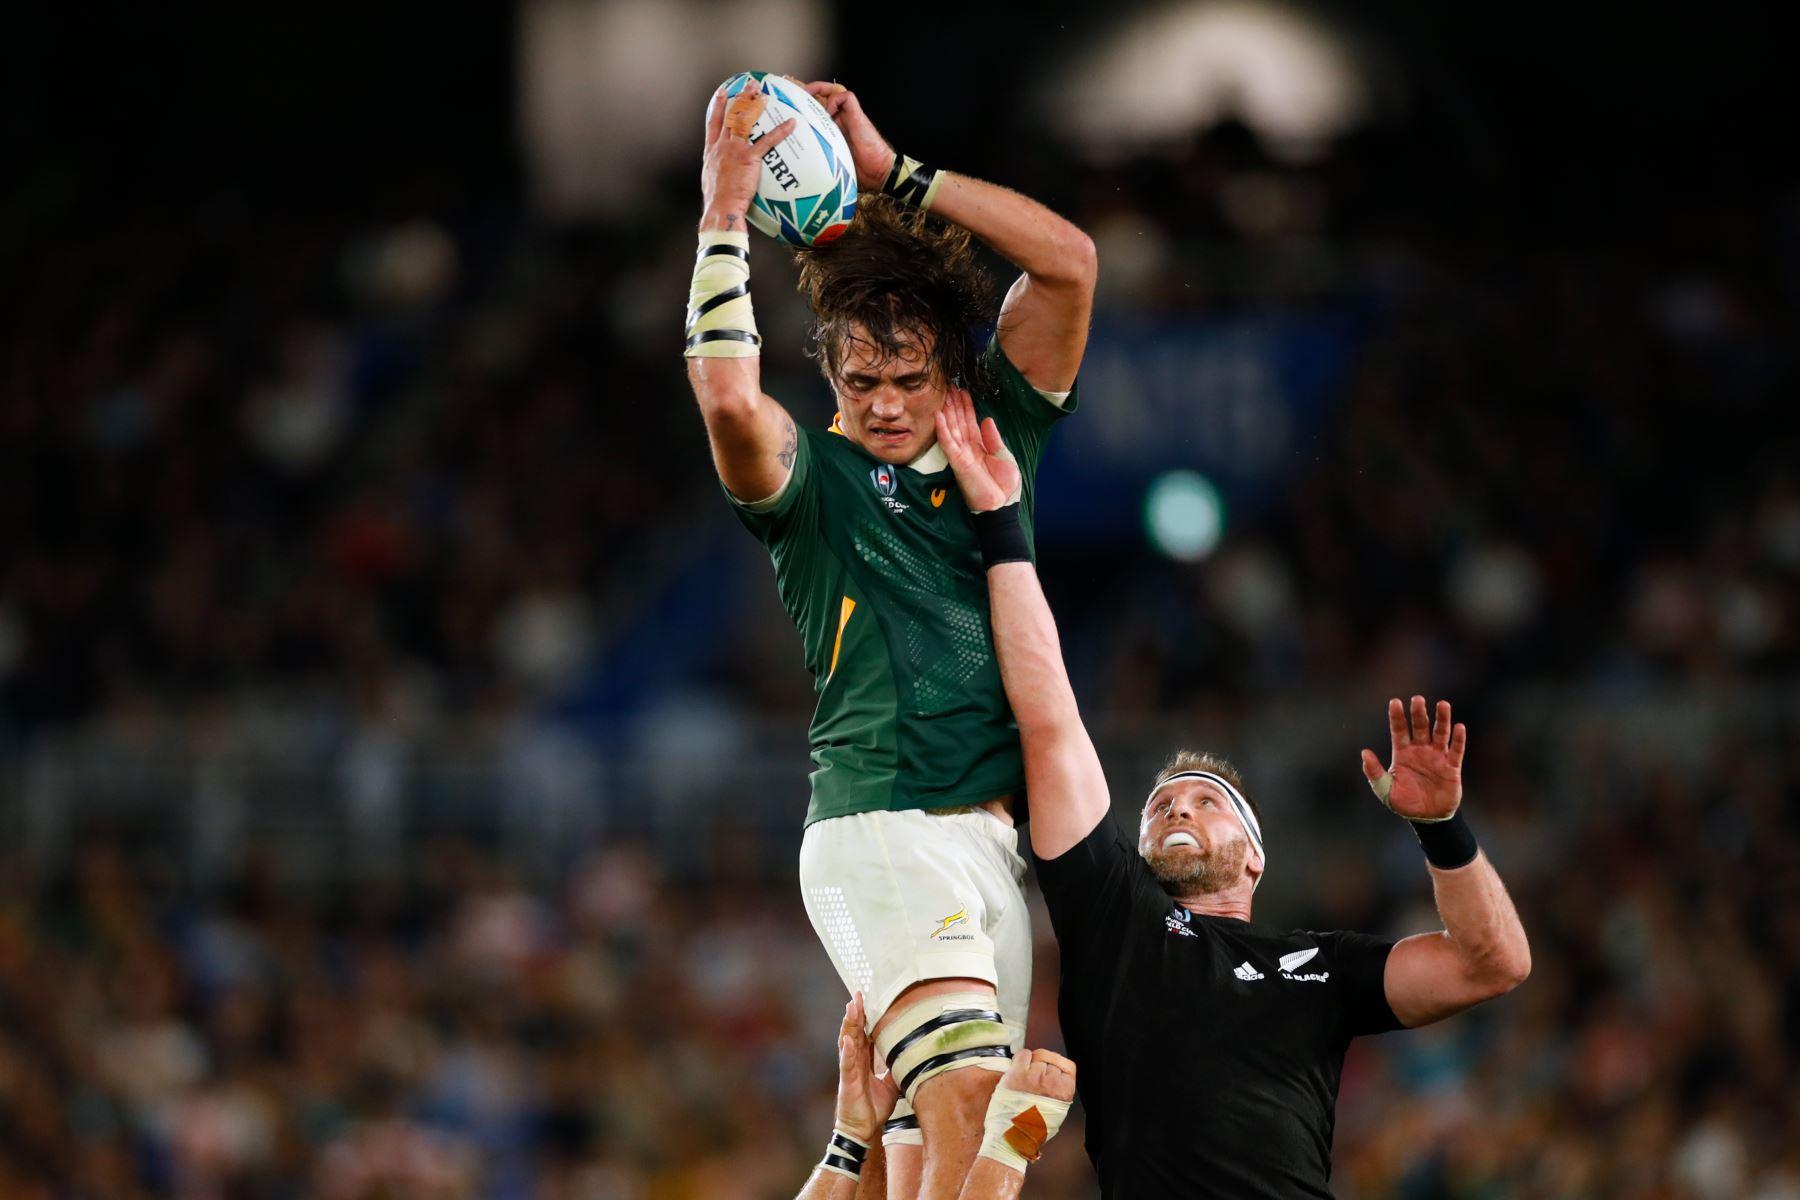 El candado de Sudáfrica Franco Mostert (L) atrapa el balón en un lineout junto al número 8 de Nueva Zelanda Kieran Read durante el partido del Grupo B de la Copa Mundial de Rugby de Japón 2019 entre Nueva Zelanda y Sudáfrica. Foto: AFP